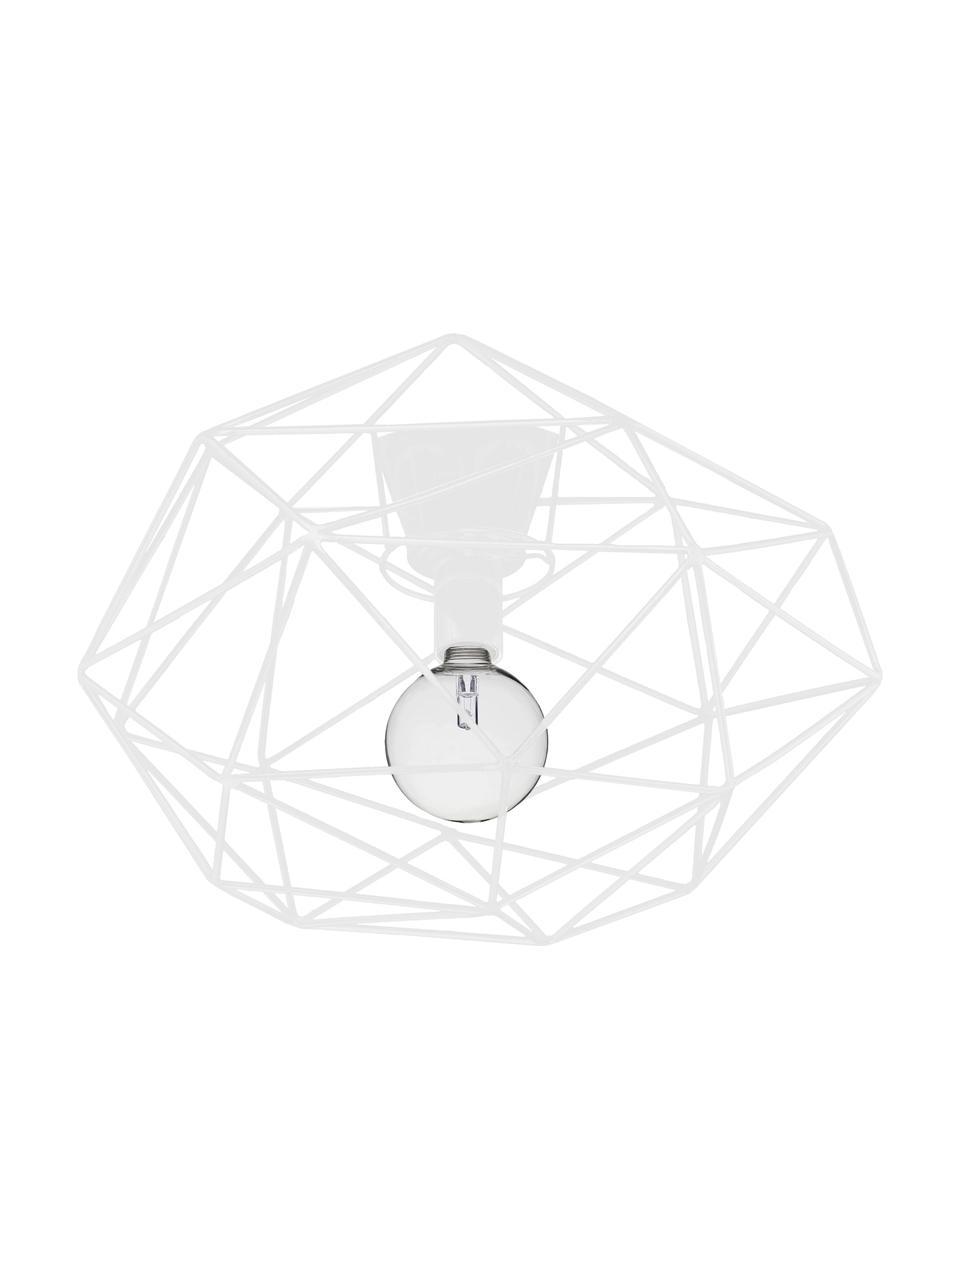 Deckenleuchte Diamond in Weiß, Baldachin: Messing, lackiert, Weiß, Ø 50 x H 32 cm